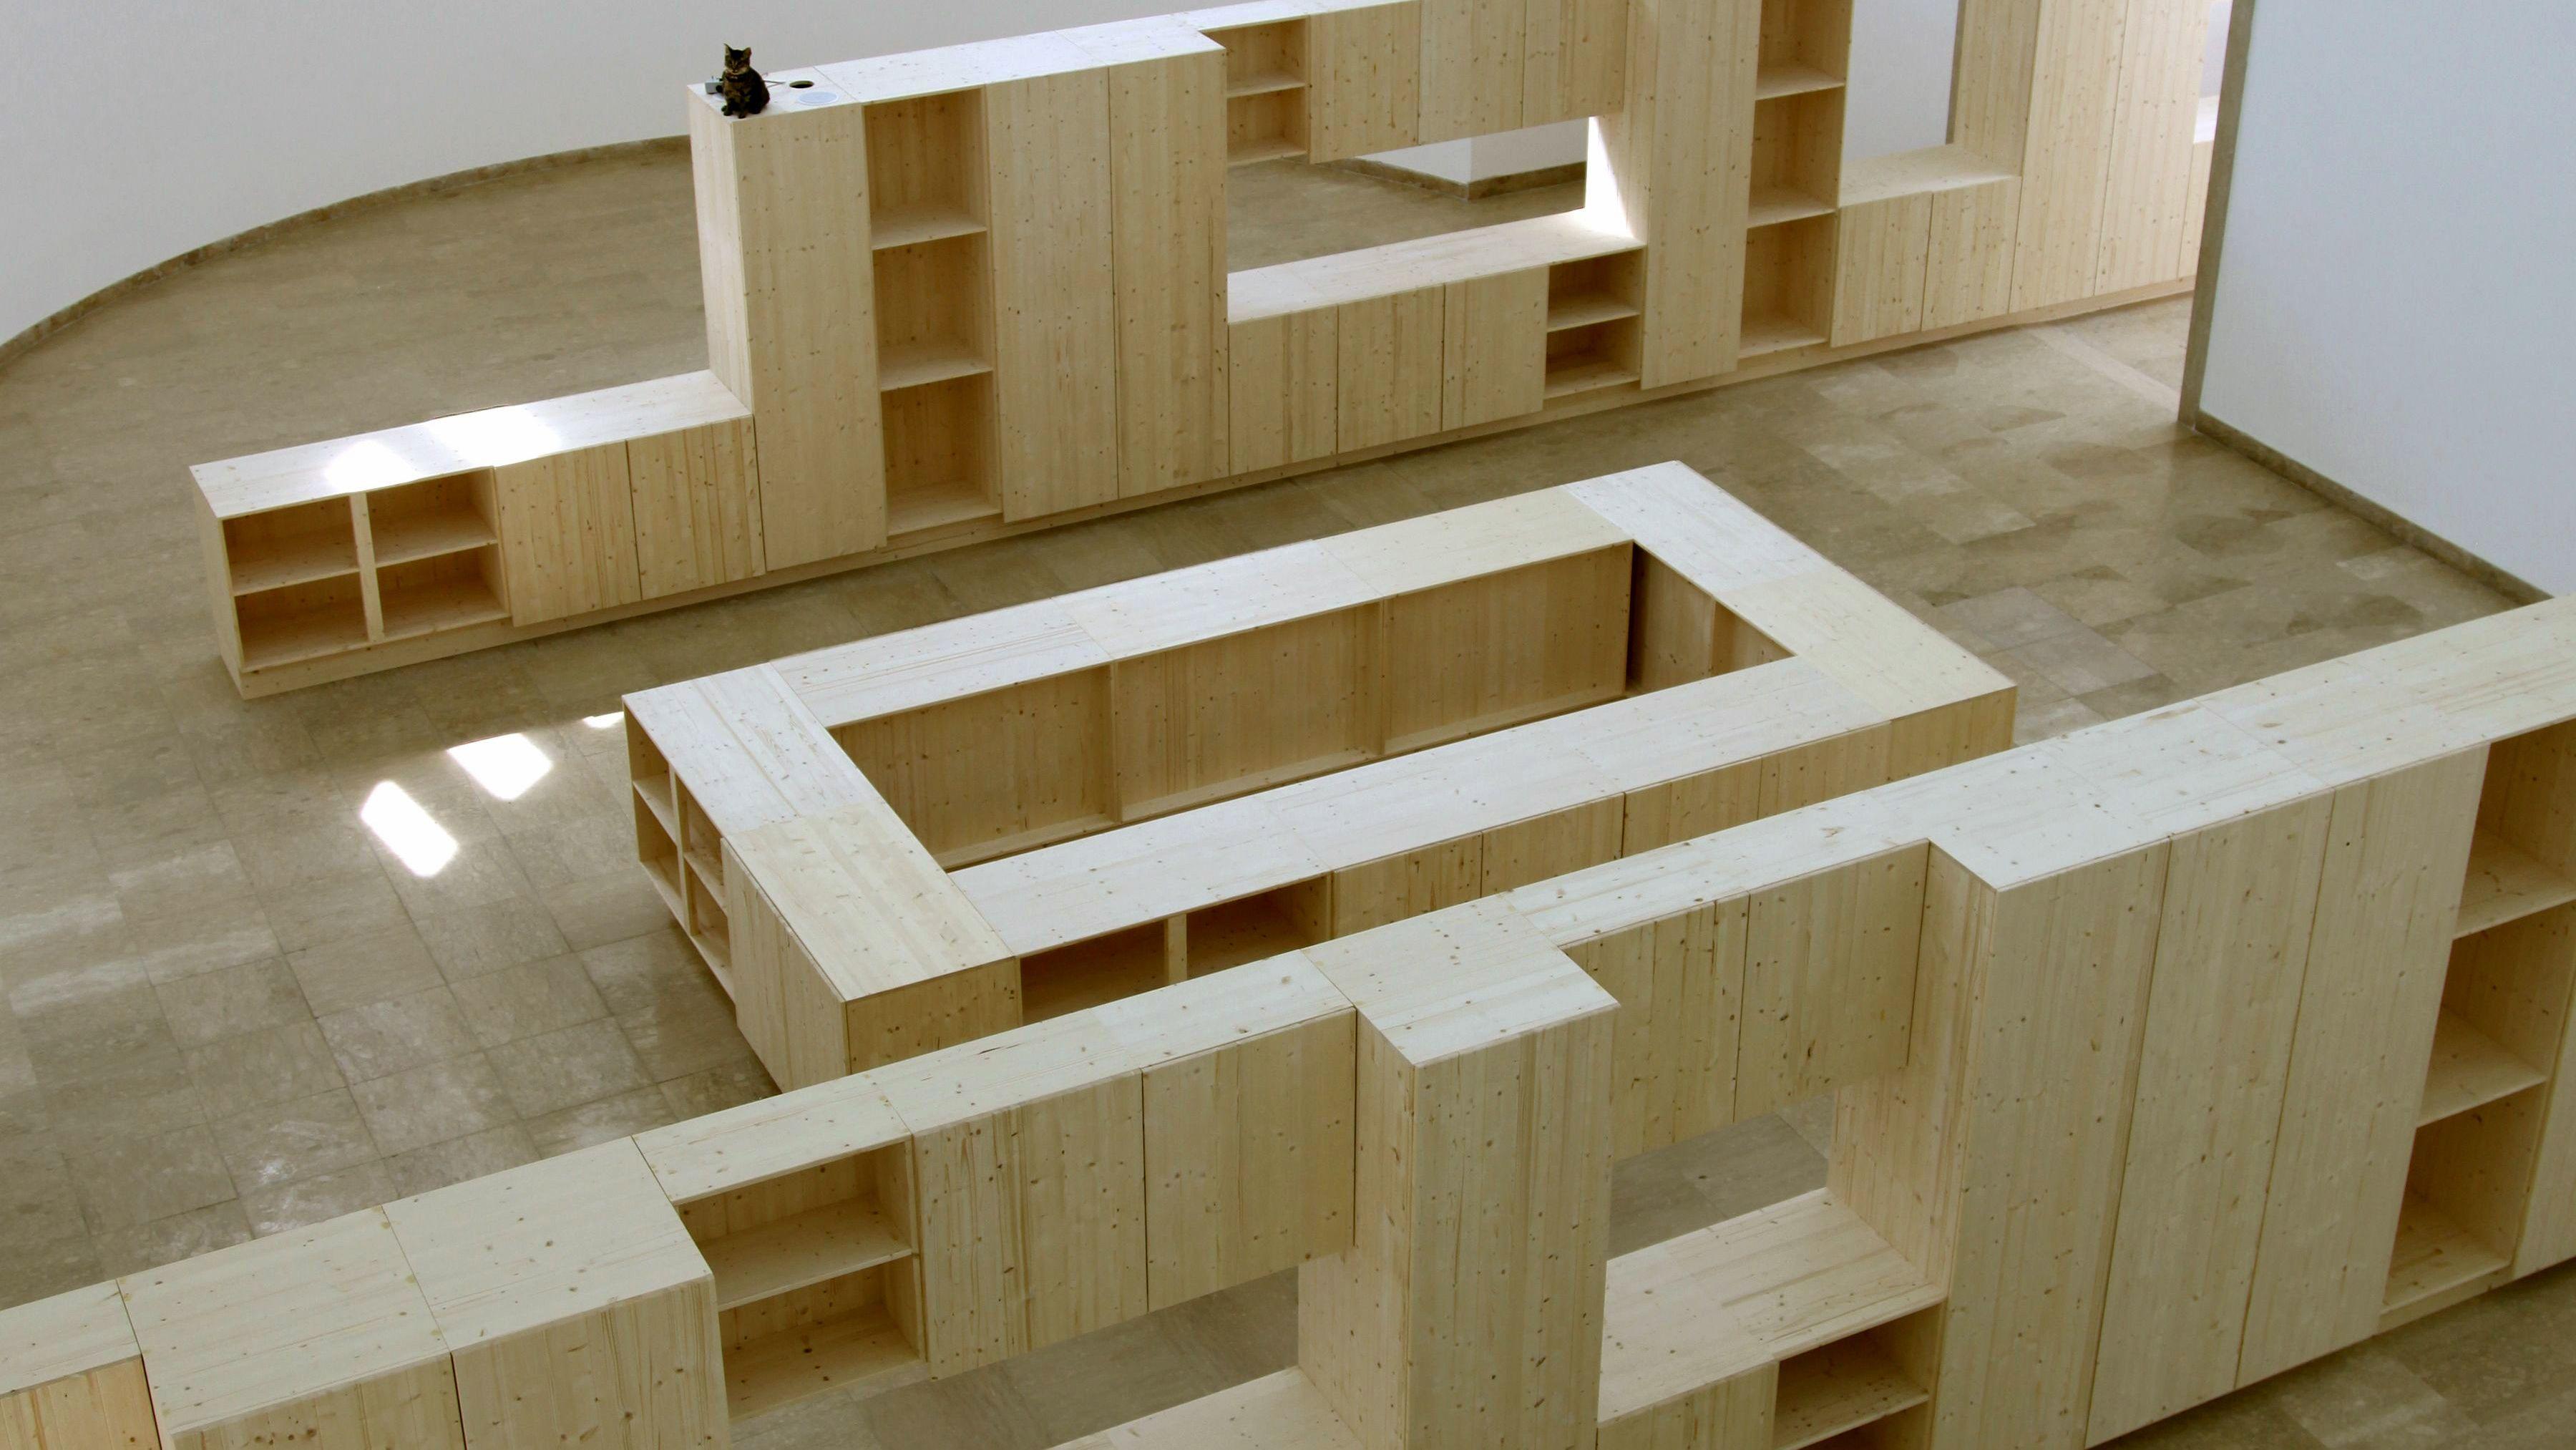 Deutscher Pavillon 2009: Liam Gillick baut die Halle mit schlichten Einbaumöbeln zu. Eine sprechende Katze verrät, dass auch er auf Humor setzt.